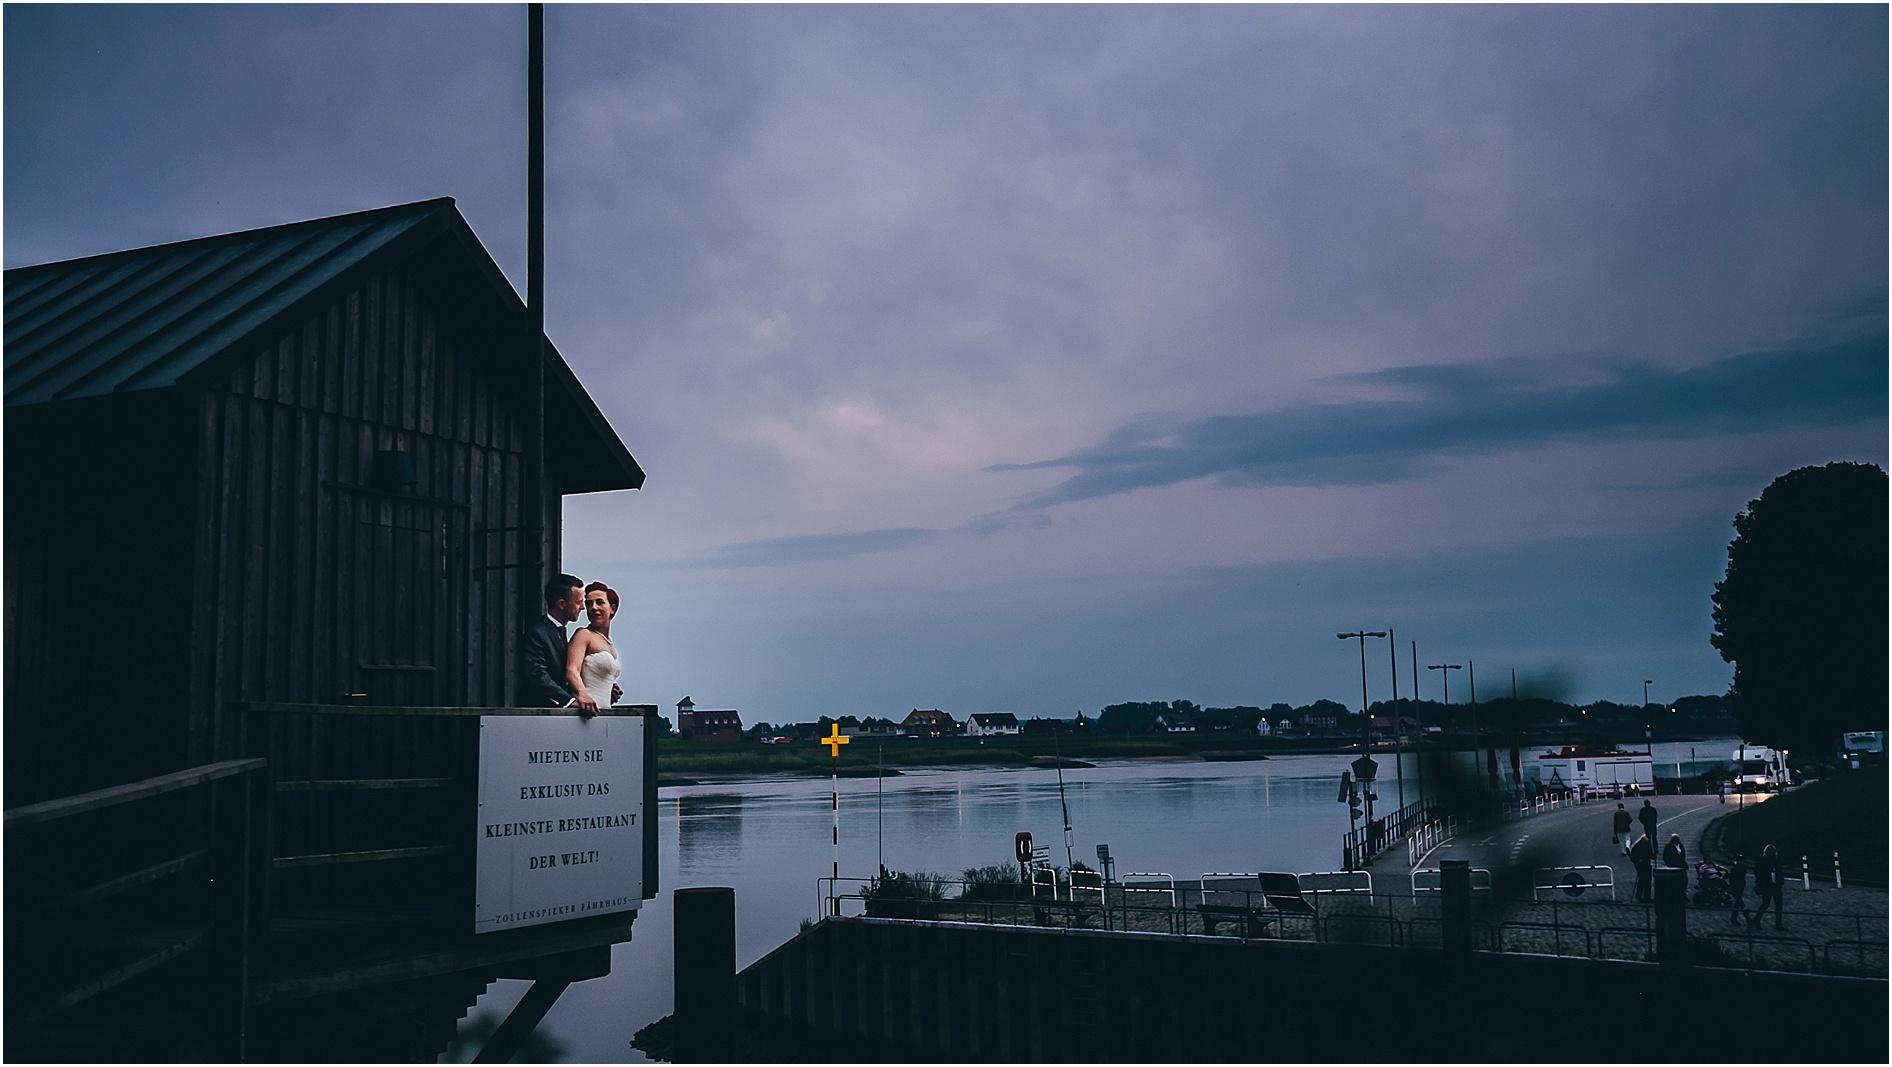 2015-10-27_0104 Tine & Chrischan - Hochzeitsfilm & Fotos in Lüneburg